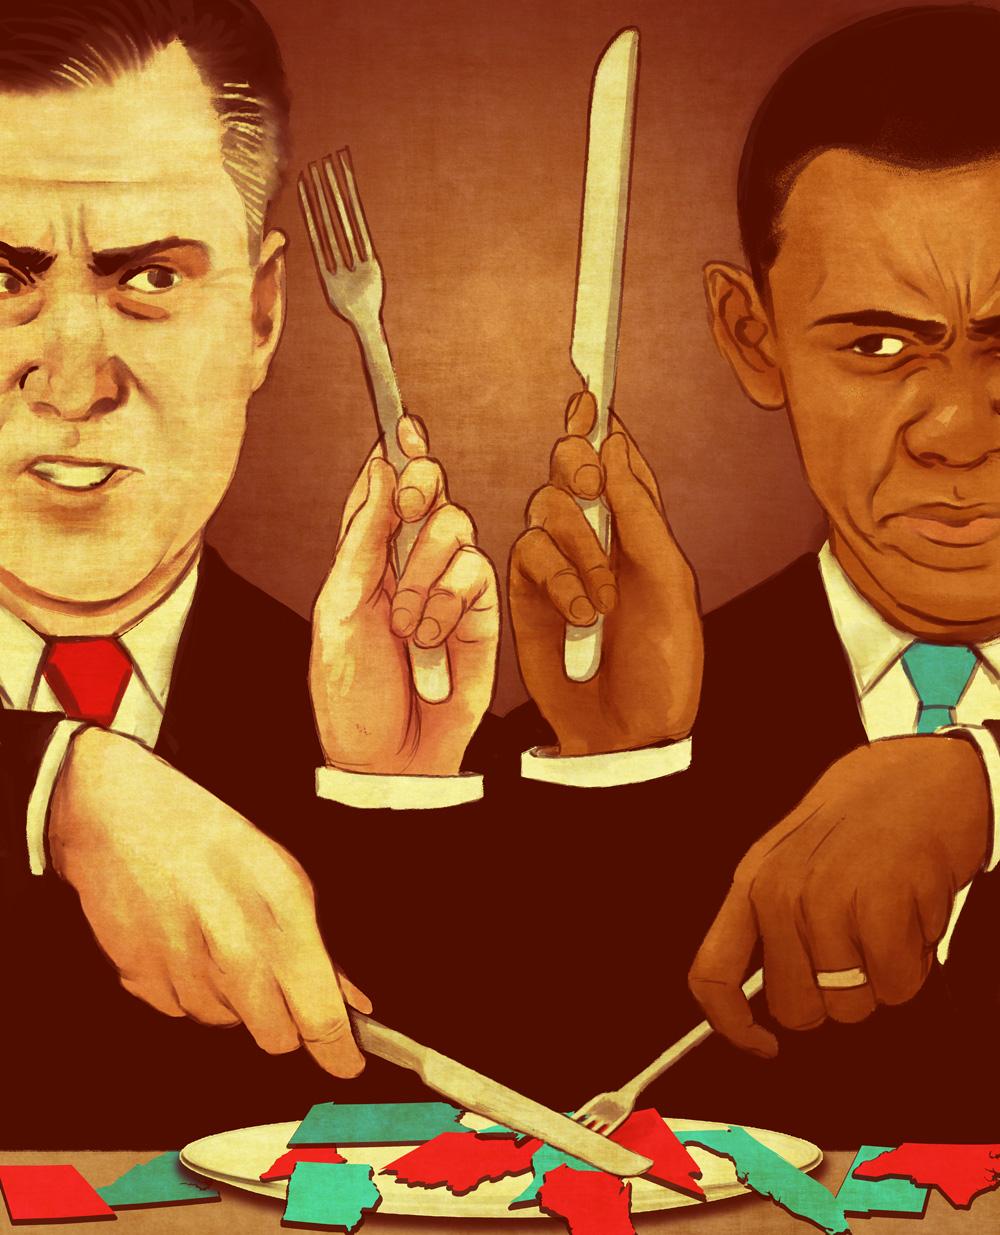 Obama/Romney illustration by Adam Rosenlund